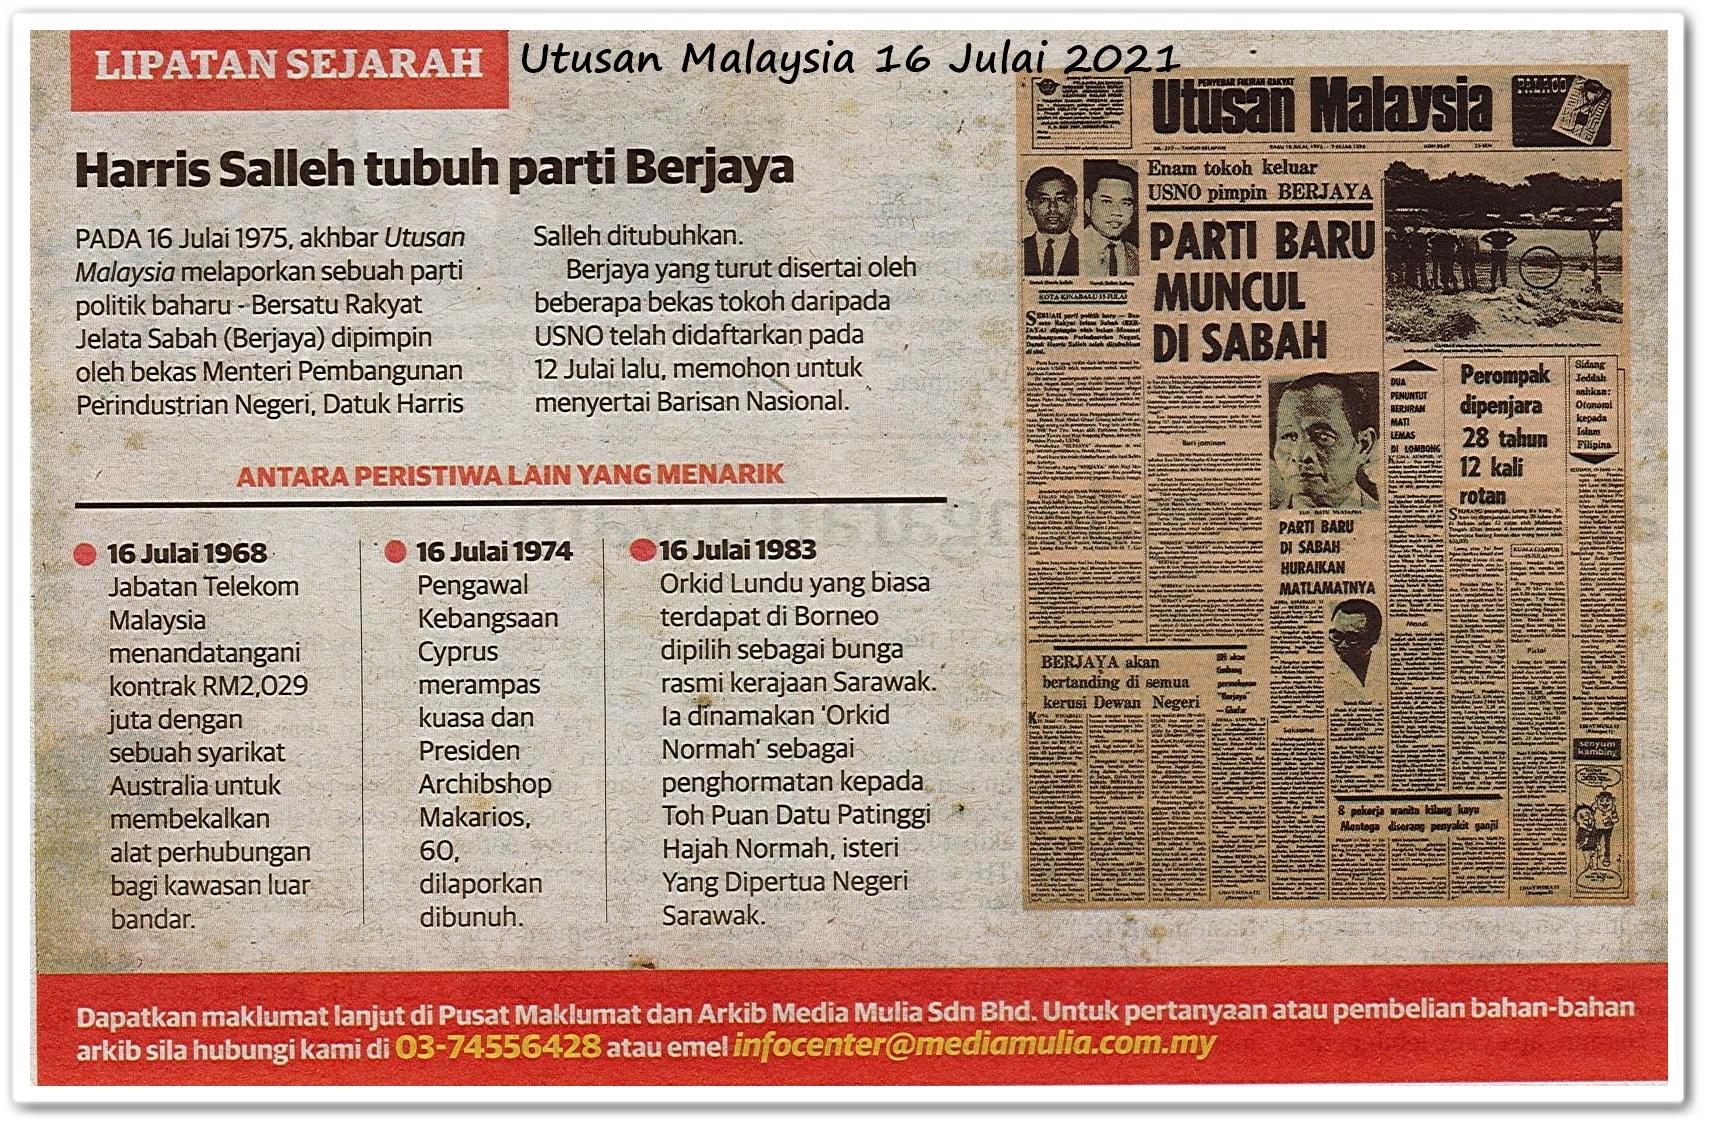 Lipatan sejarah 16 Julai - Keratan akhbar Utusan Malaysia 16 Julai 2021